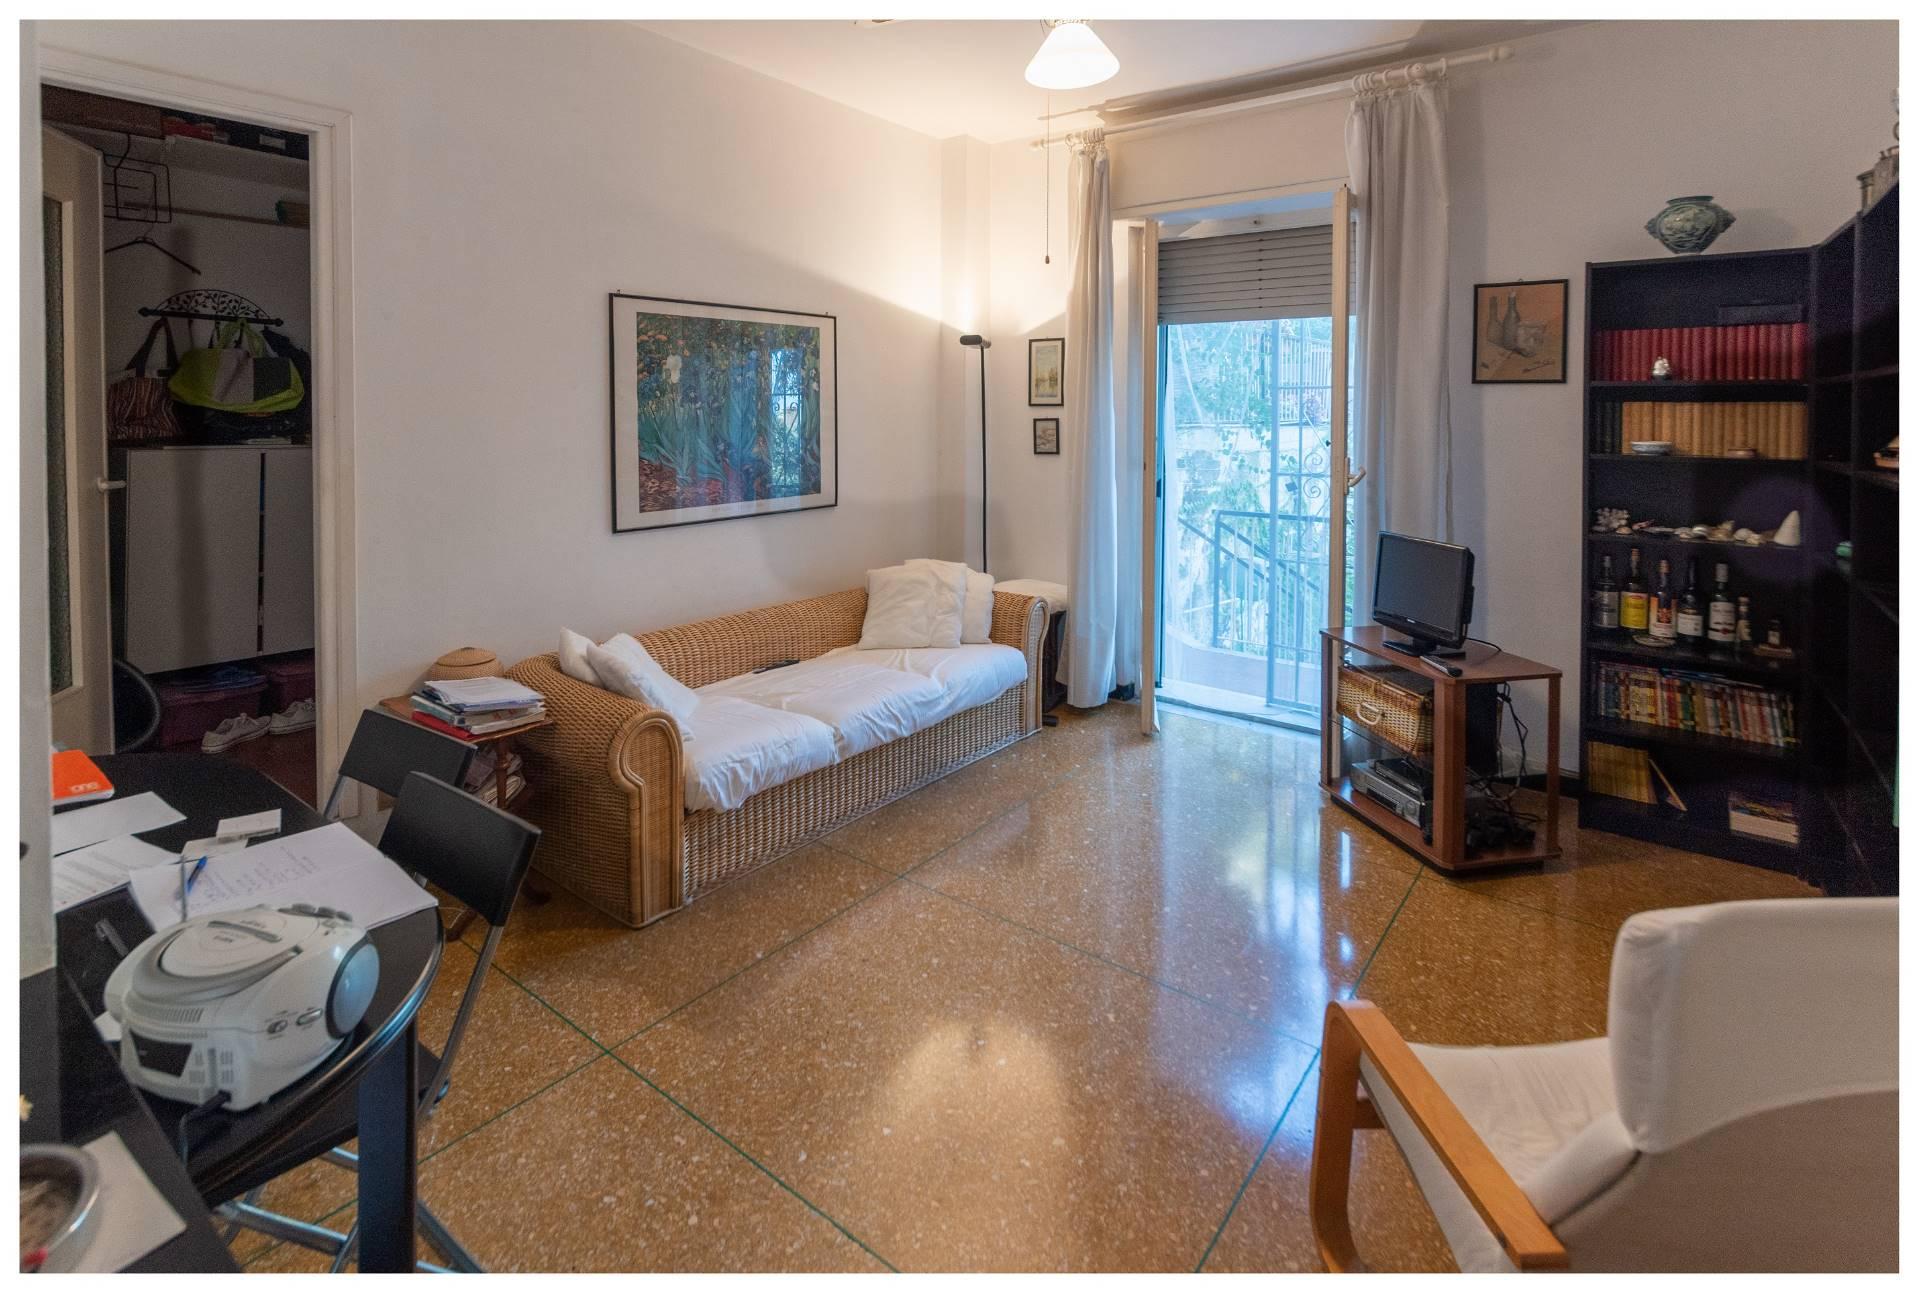 Appartamento in vendita a Varazze, 4 locali, zona Località: Varazze, prezzo € 225.000 | PortaleAgenzieImmobiliari.it